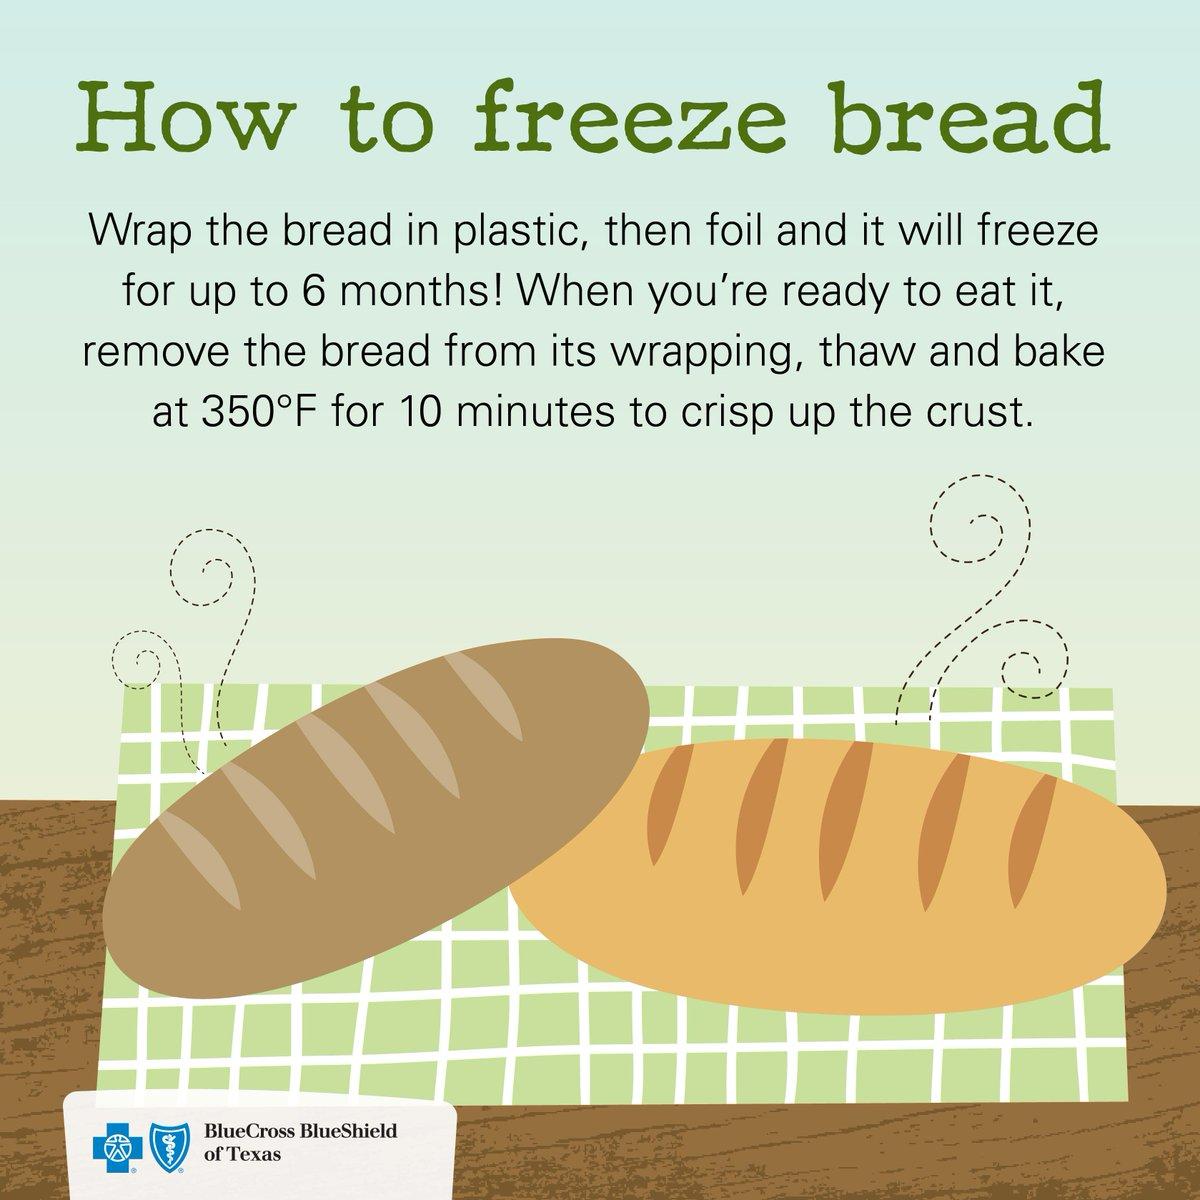 #FrozenFood tips: http://t.co/iLAzXfxmKl